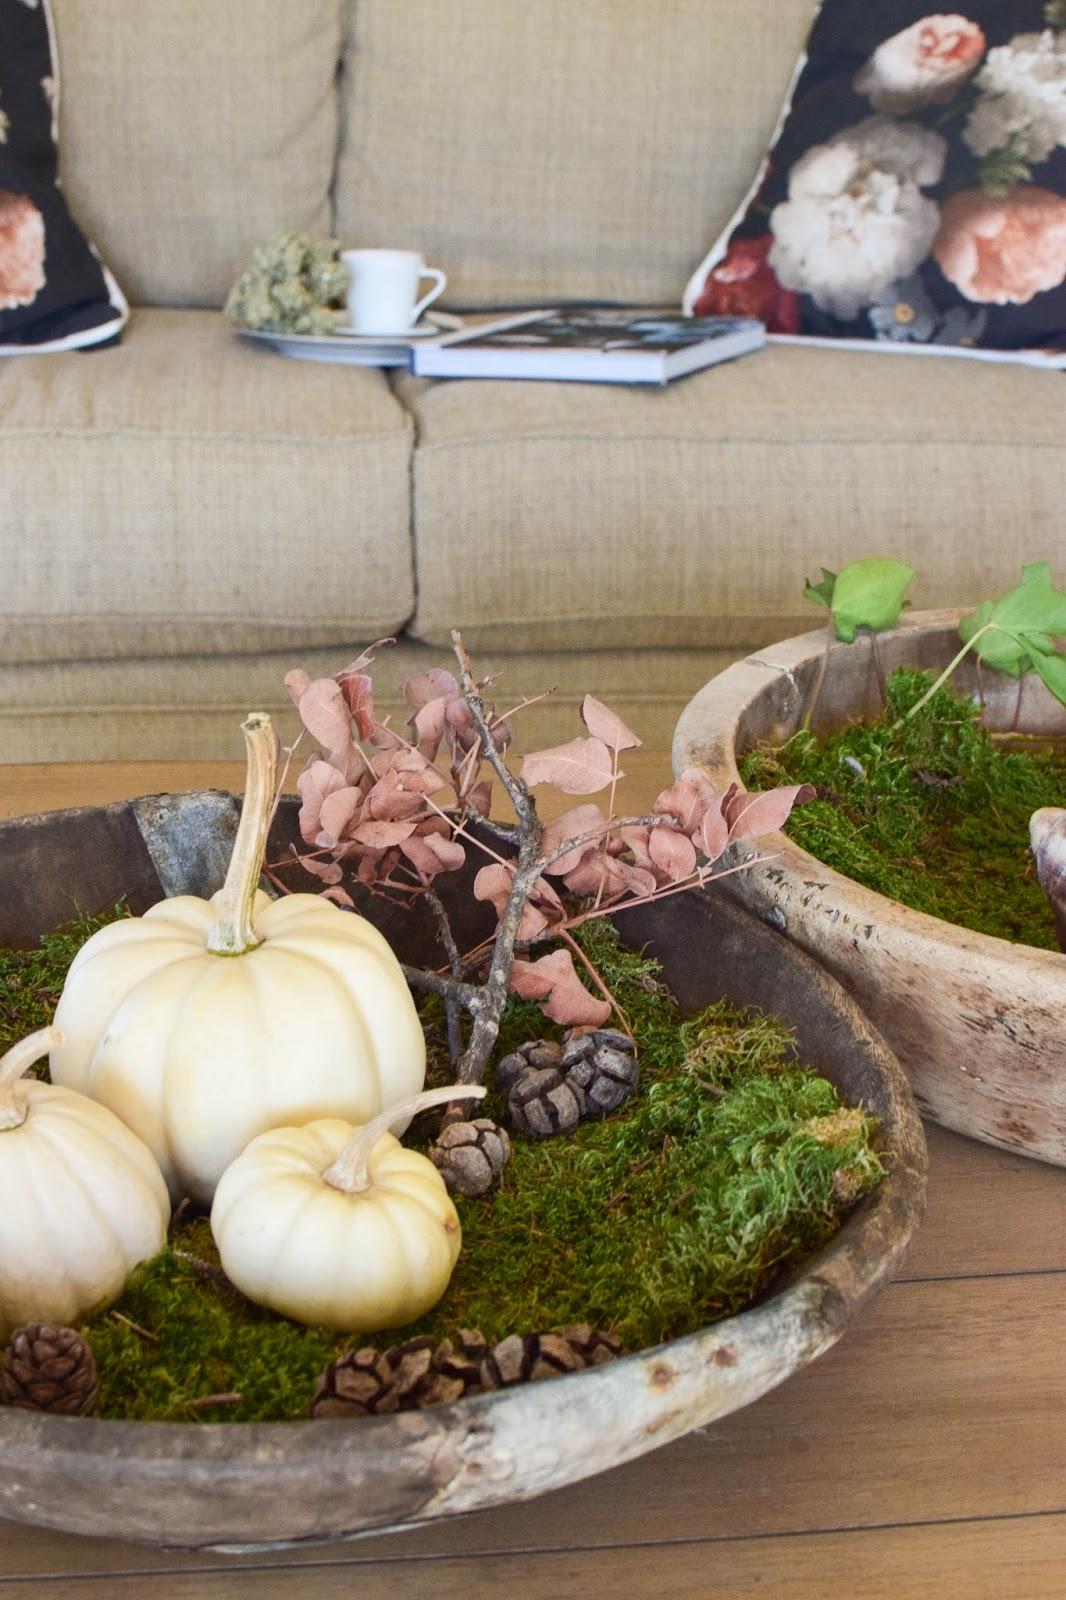 Dekoideen mit Kürbis für den Herbst. Kürbisse natürlich dekorieren. Tischdeko, Tisch dekorieren Herbstdeko, herbstliche Deko, Wohnzimmerdekko